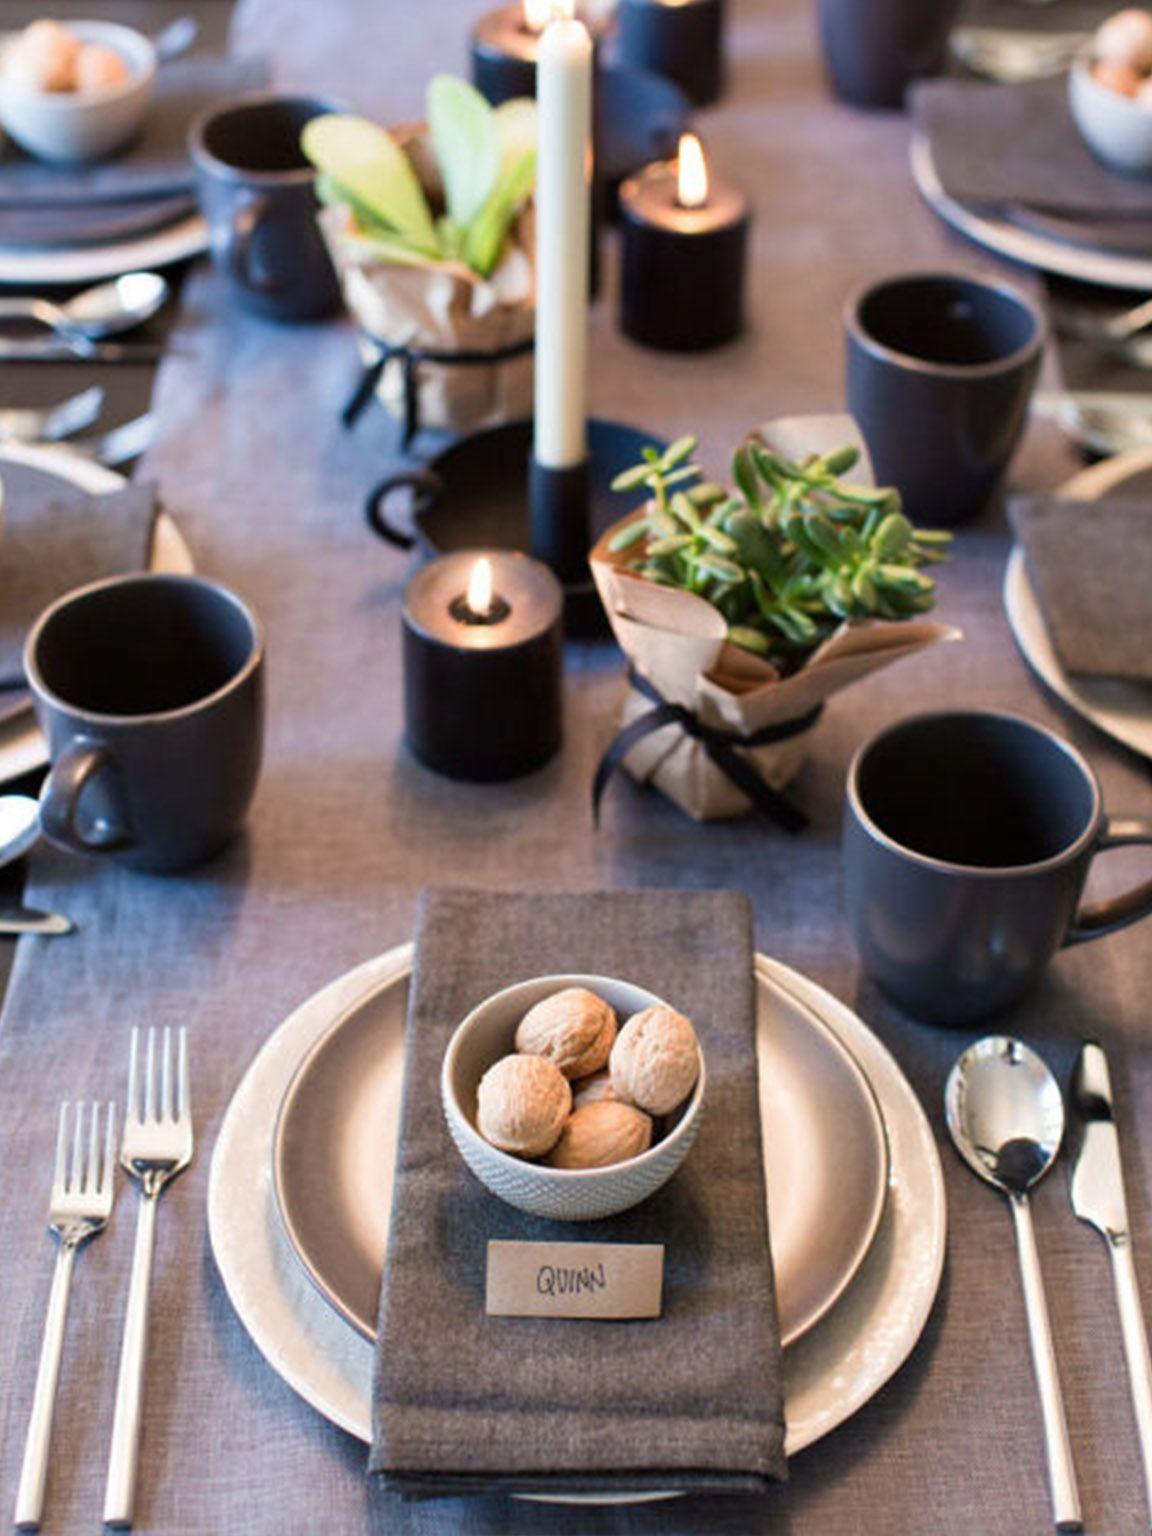 Arredare Tavola Natale mise en place dai toni grigio/tortona e nero (con immagini